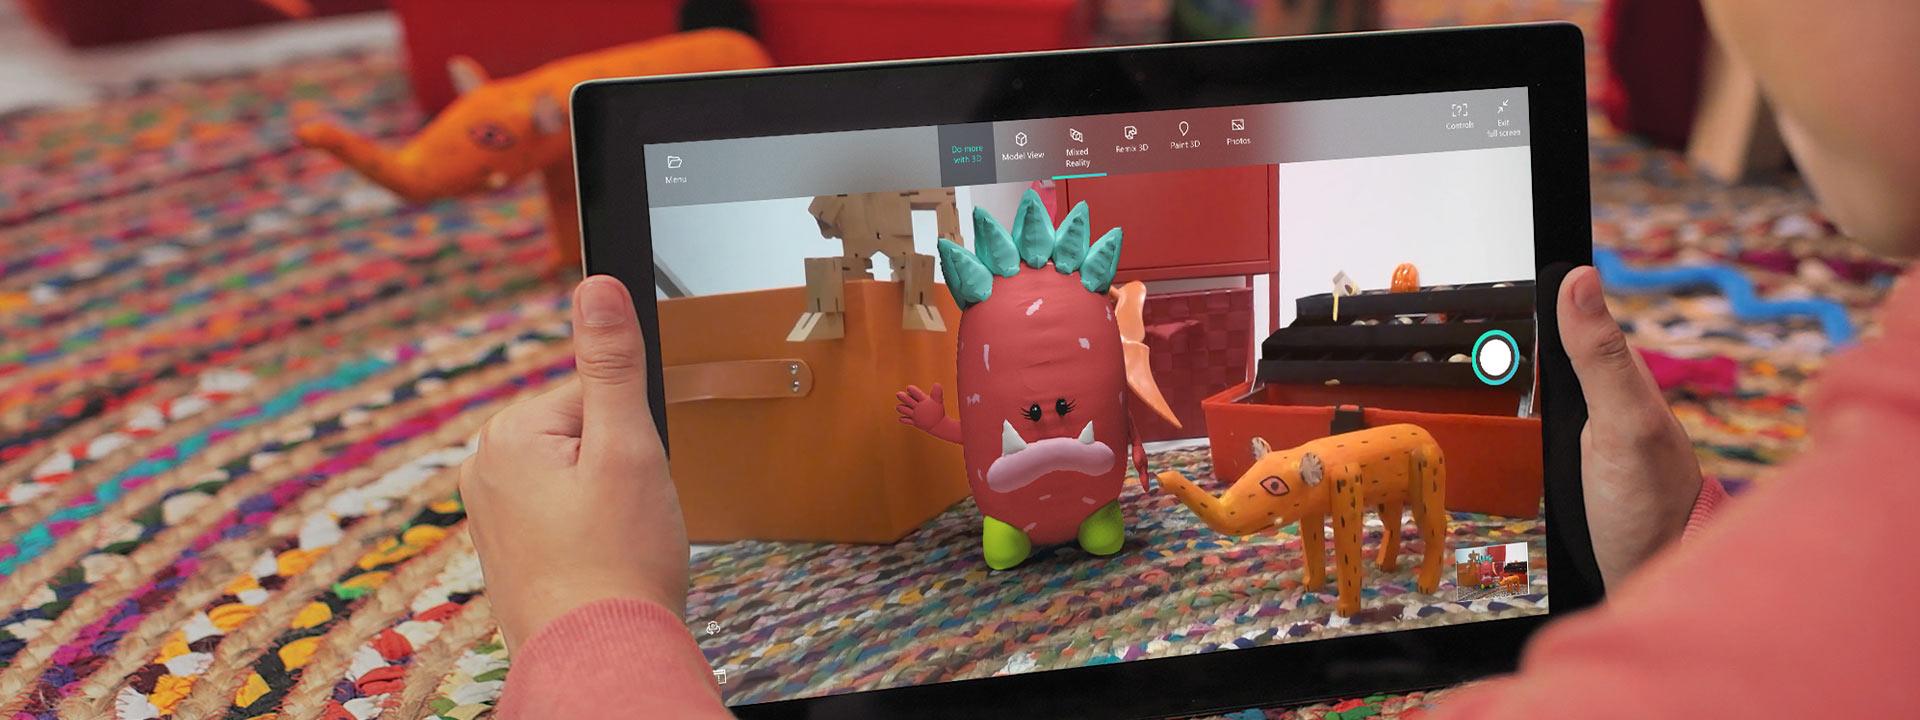 Демонстрация 3d-творения в средстве просмотра смешанной реальности на планшете